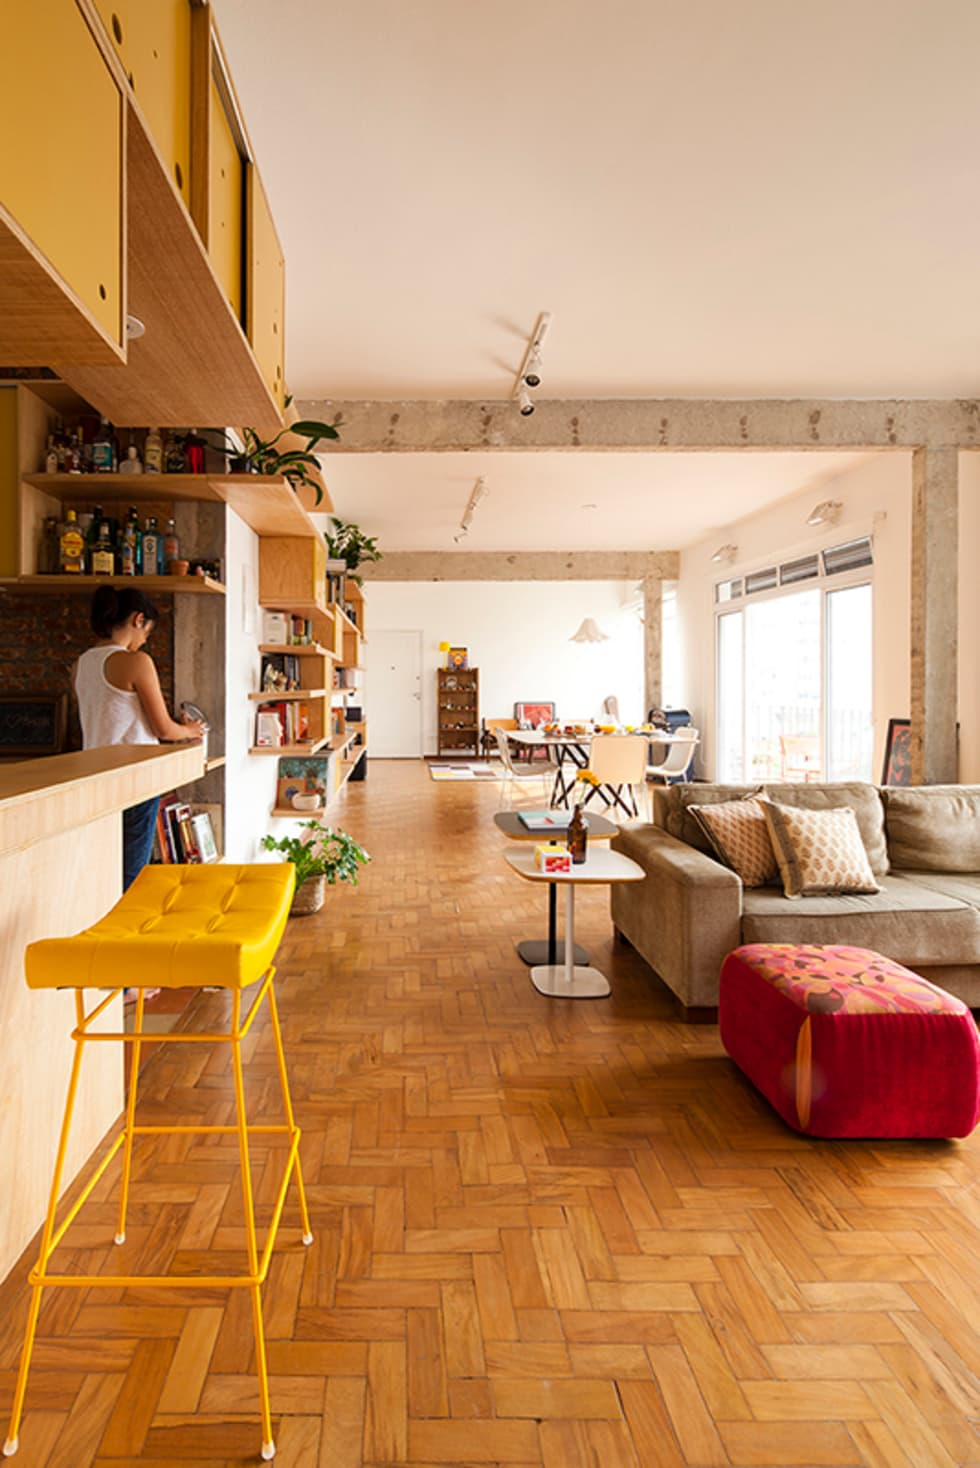 APARTAMENTO APINAGÉS: Salas de estar ecléticas por Zoom Urbanismo Arquitetura e Design